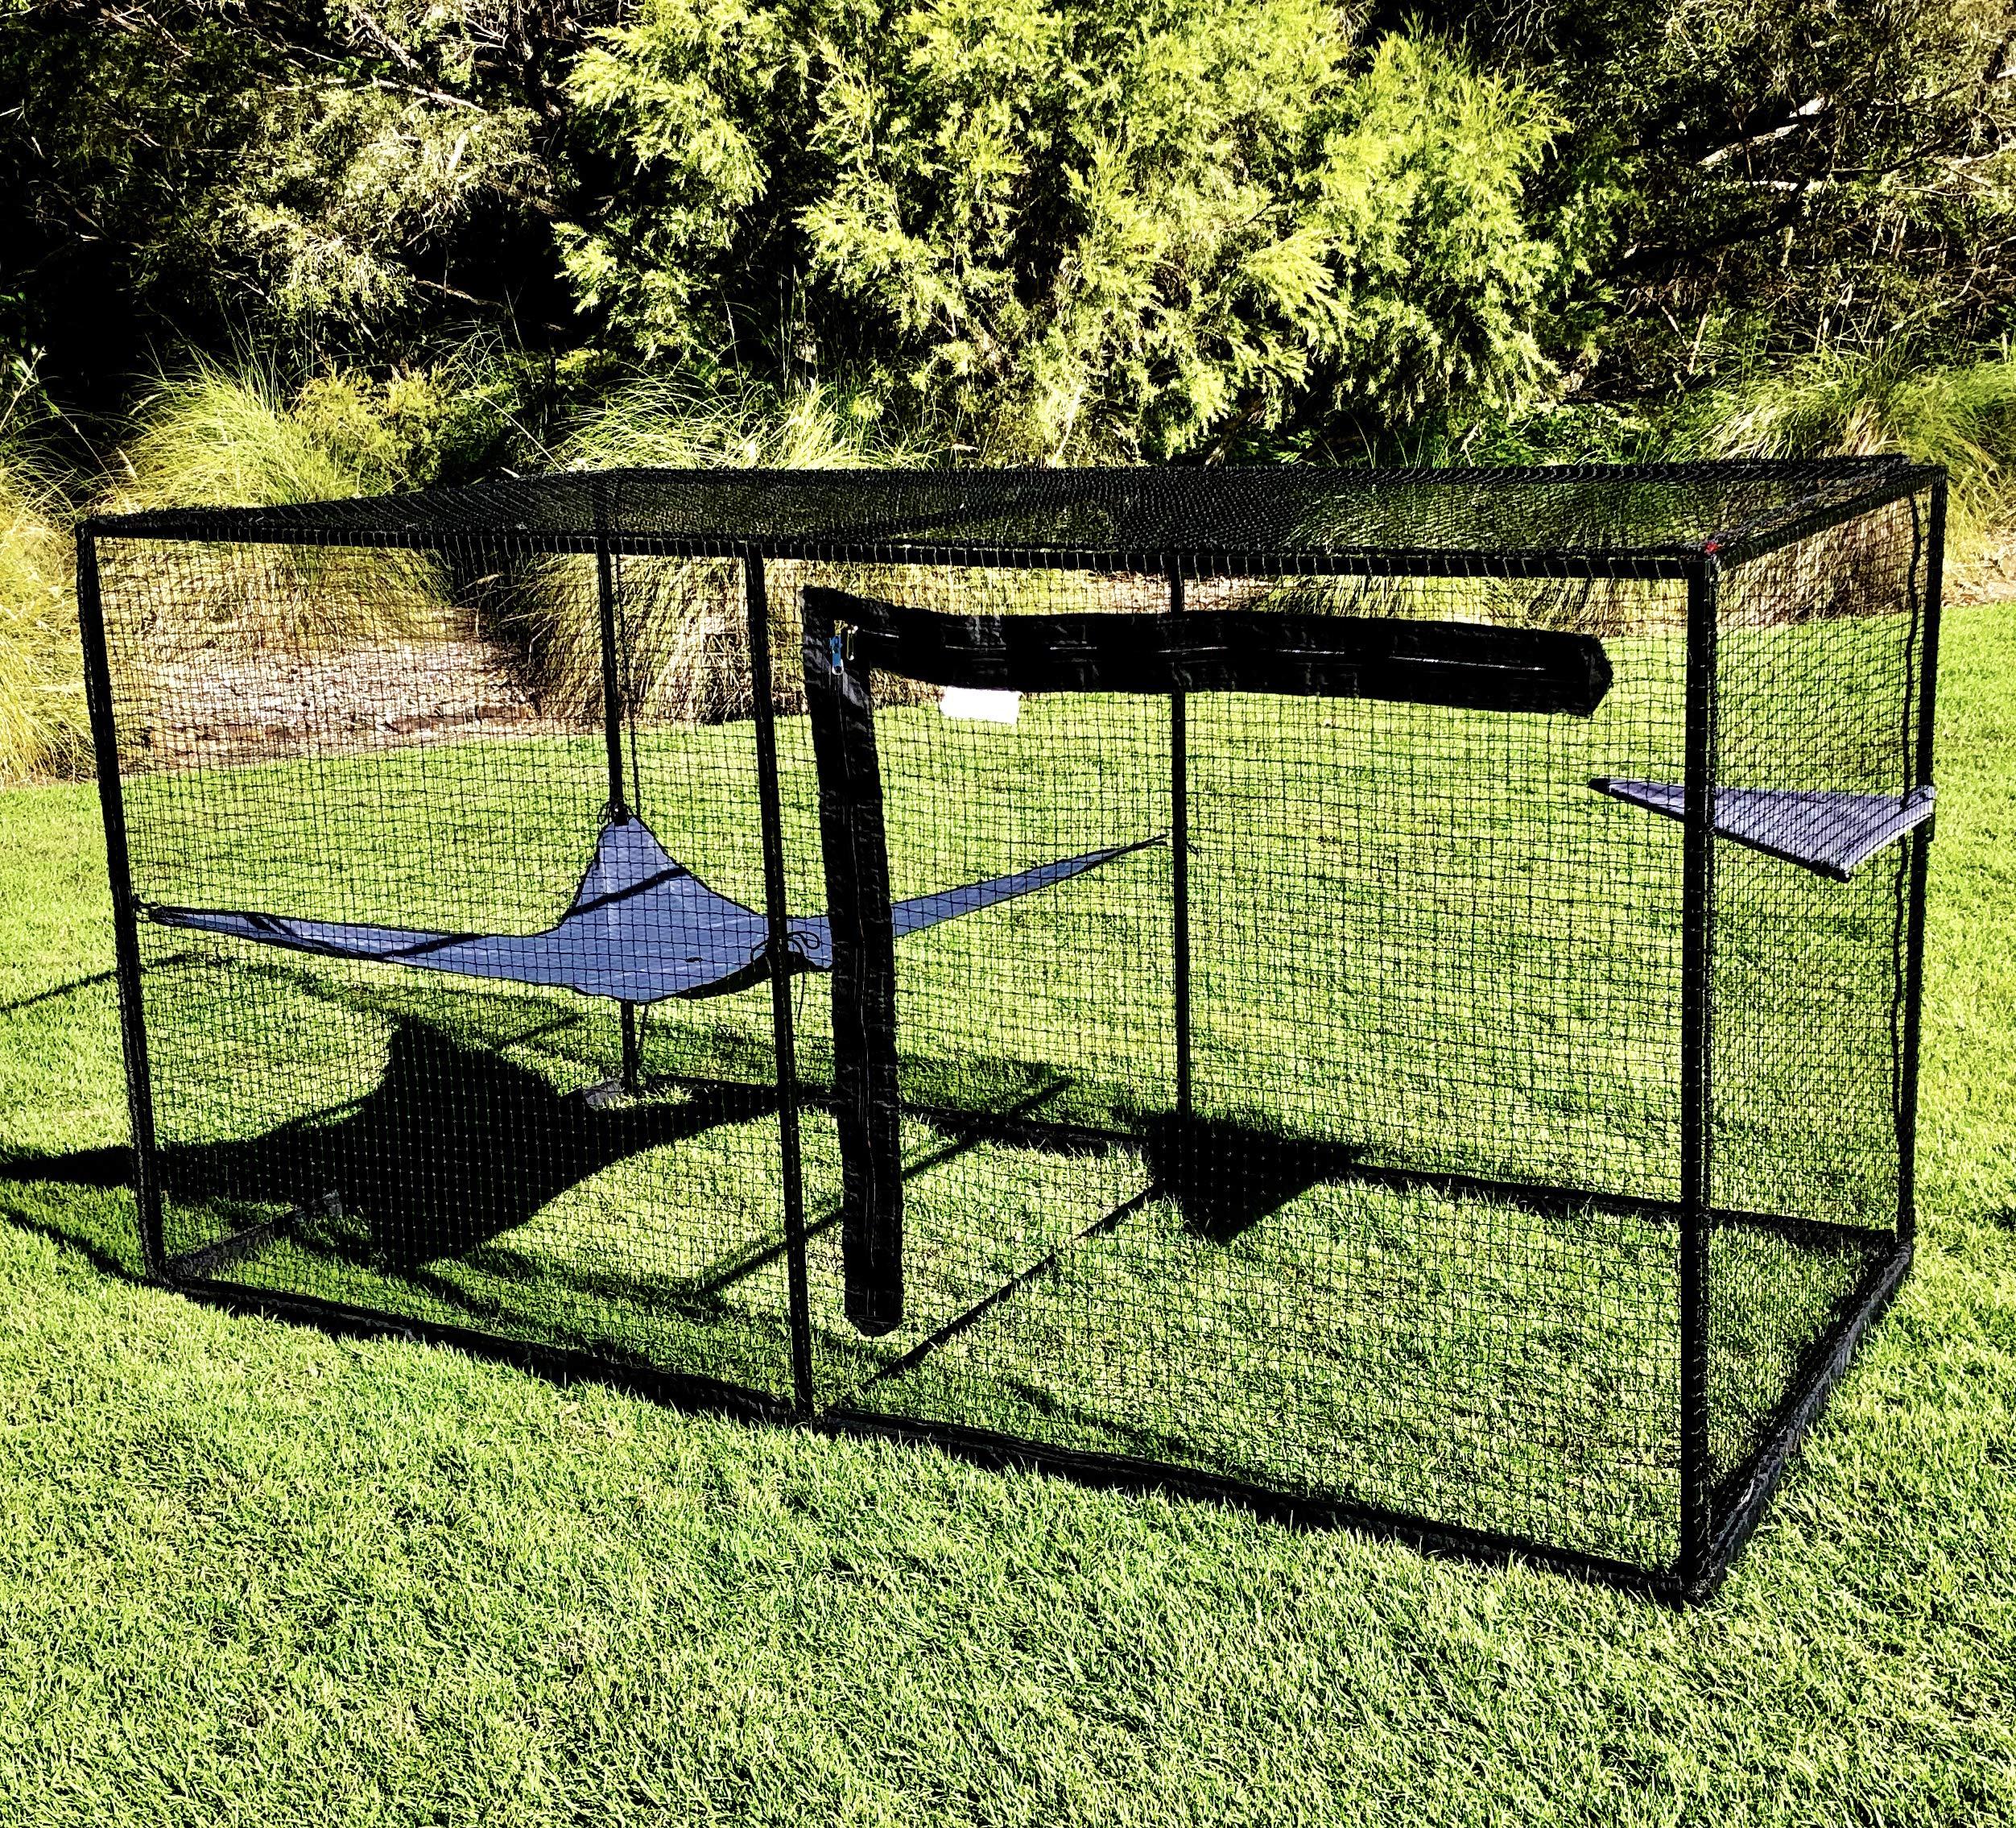 La Luna Pet Care Cat Enclosure | Cat Enclosure | Outdoor Cat Enclosure | Cat Play Pen | Indoor Outdoor Cat Tent | 47.2'' x 47.2'' x 94.4'' by La Luna Pet Care (Image #1)